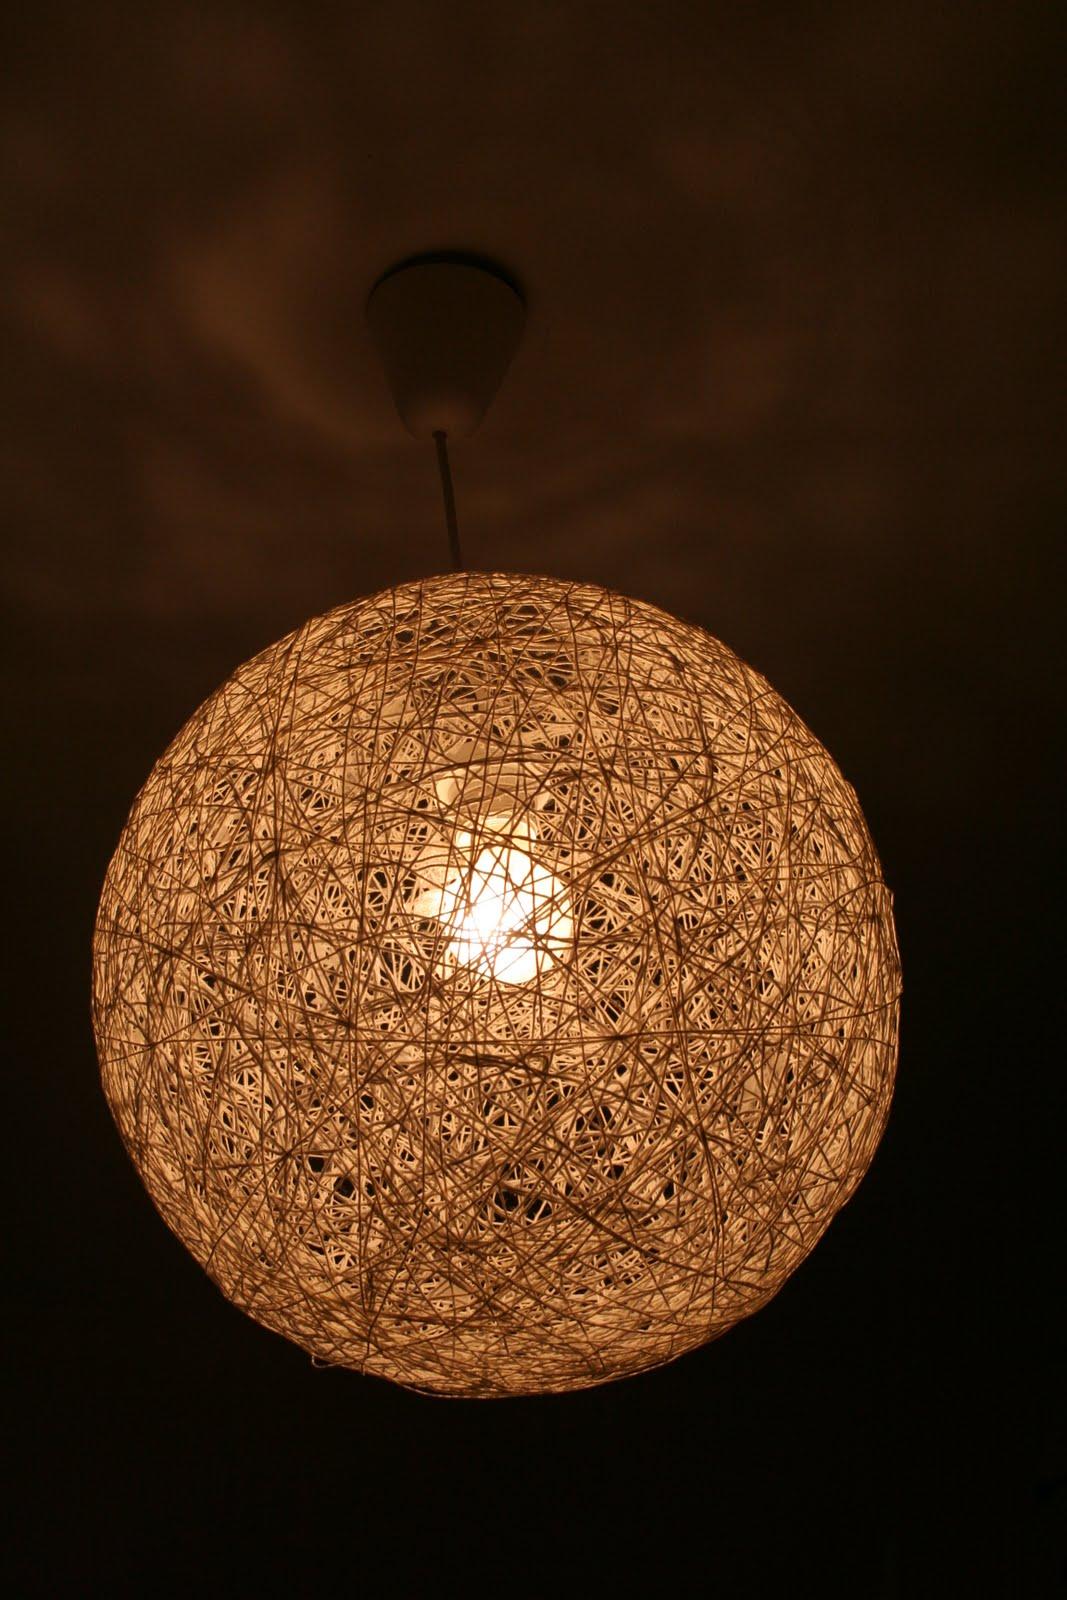 ånden i lampen